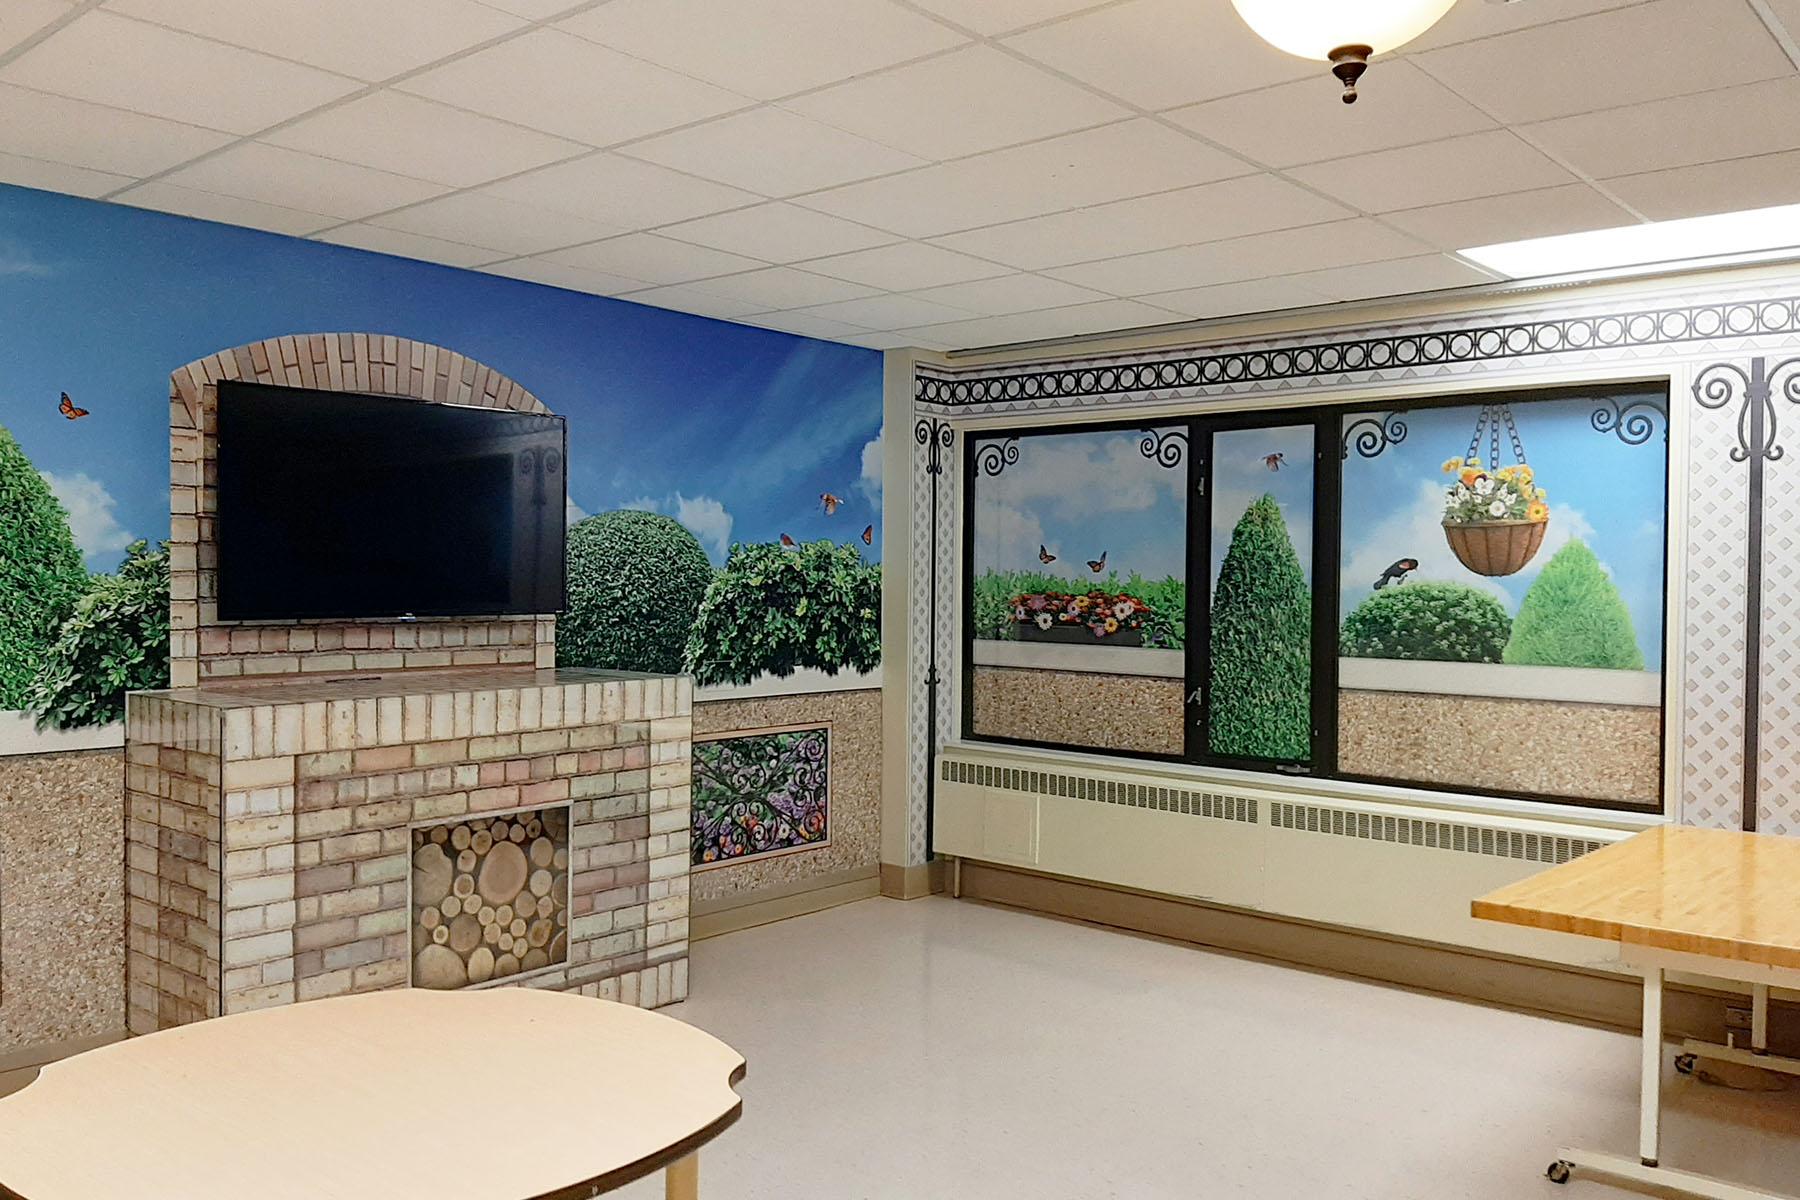 Behavioural Health Program multipurpose room